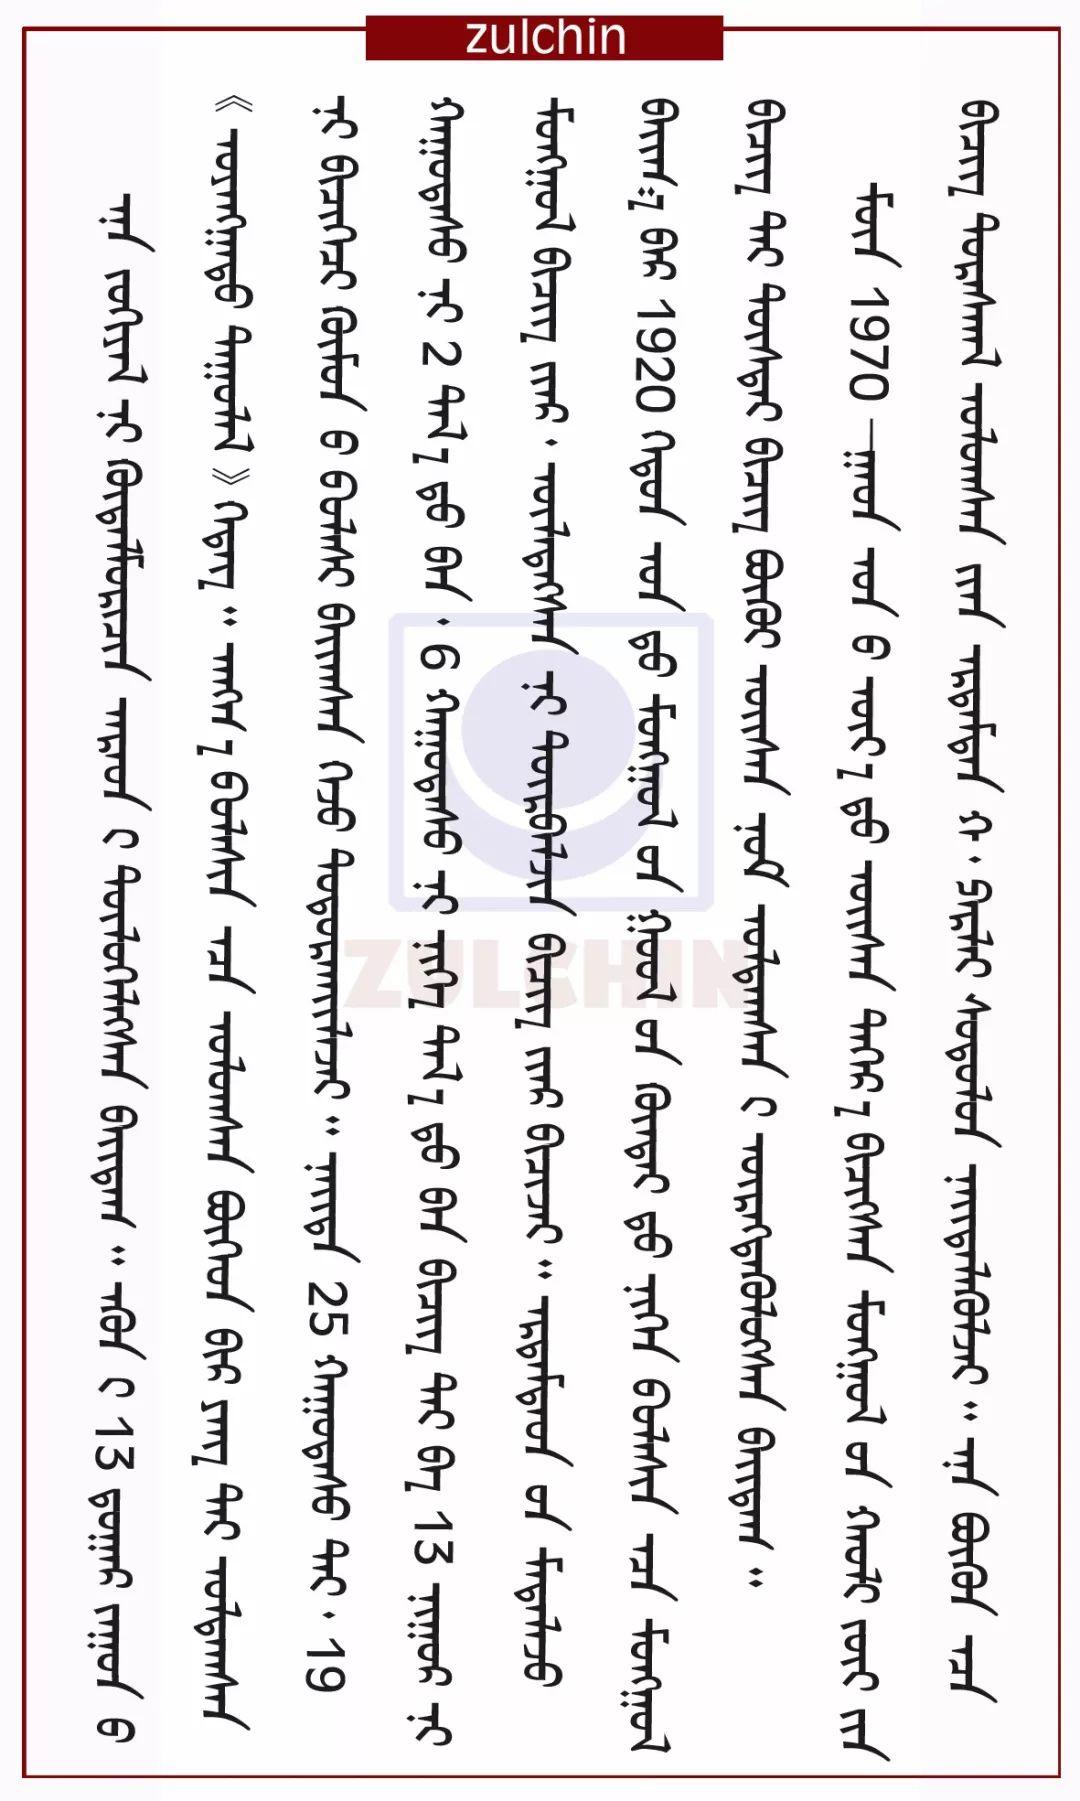 俄罗斯出土发现金帐汗国时期蒙古文信件 (蒙古文) 第4张